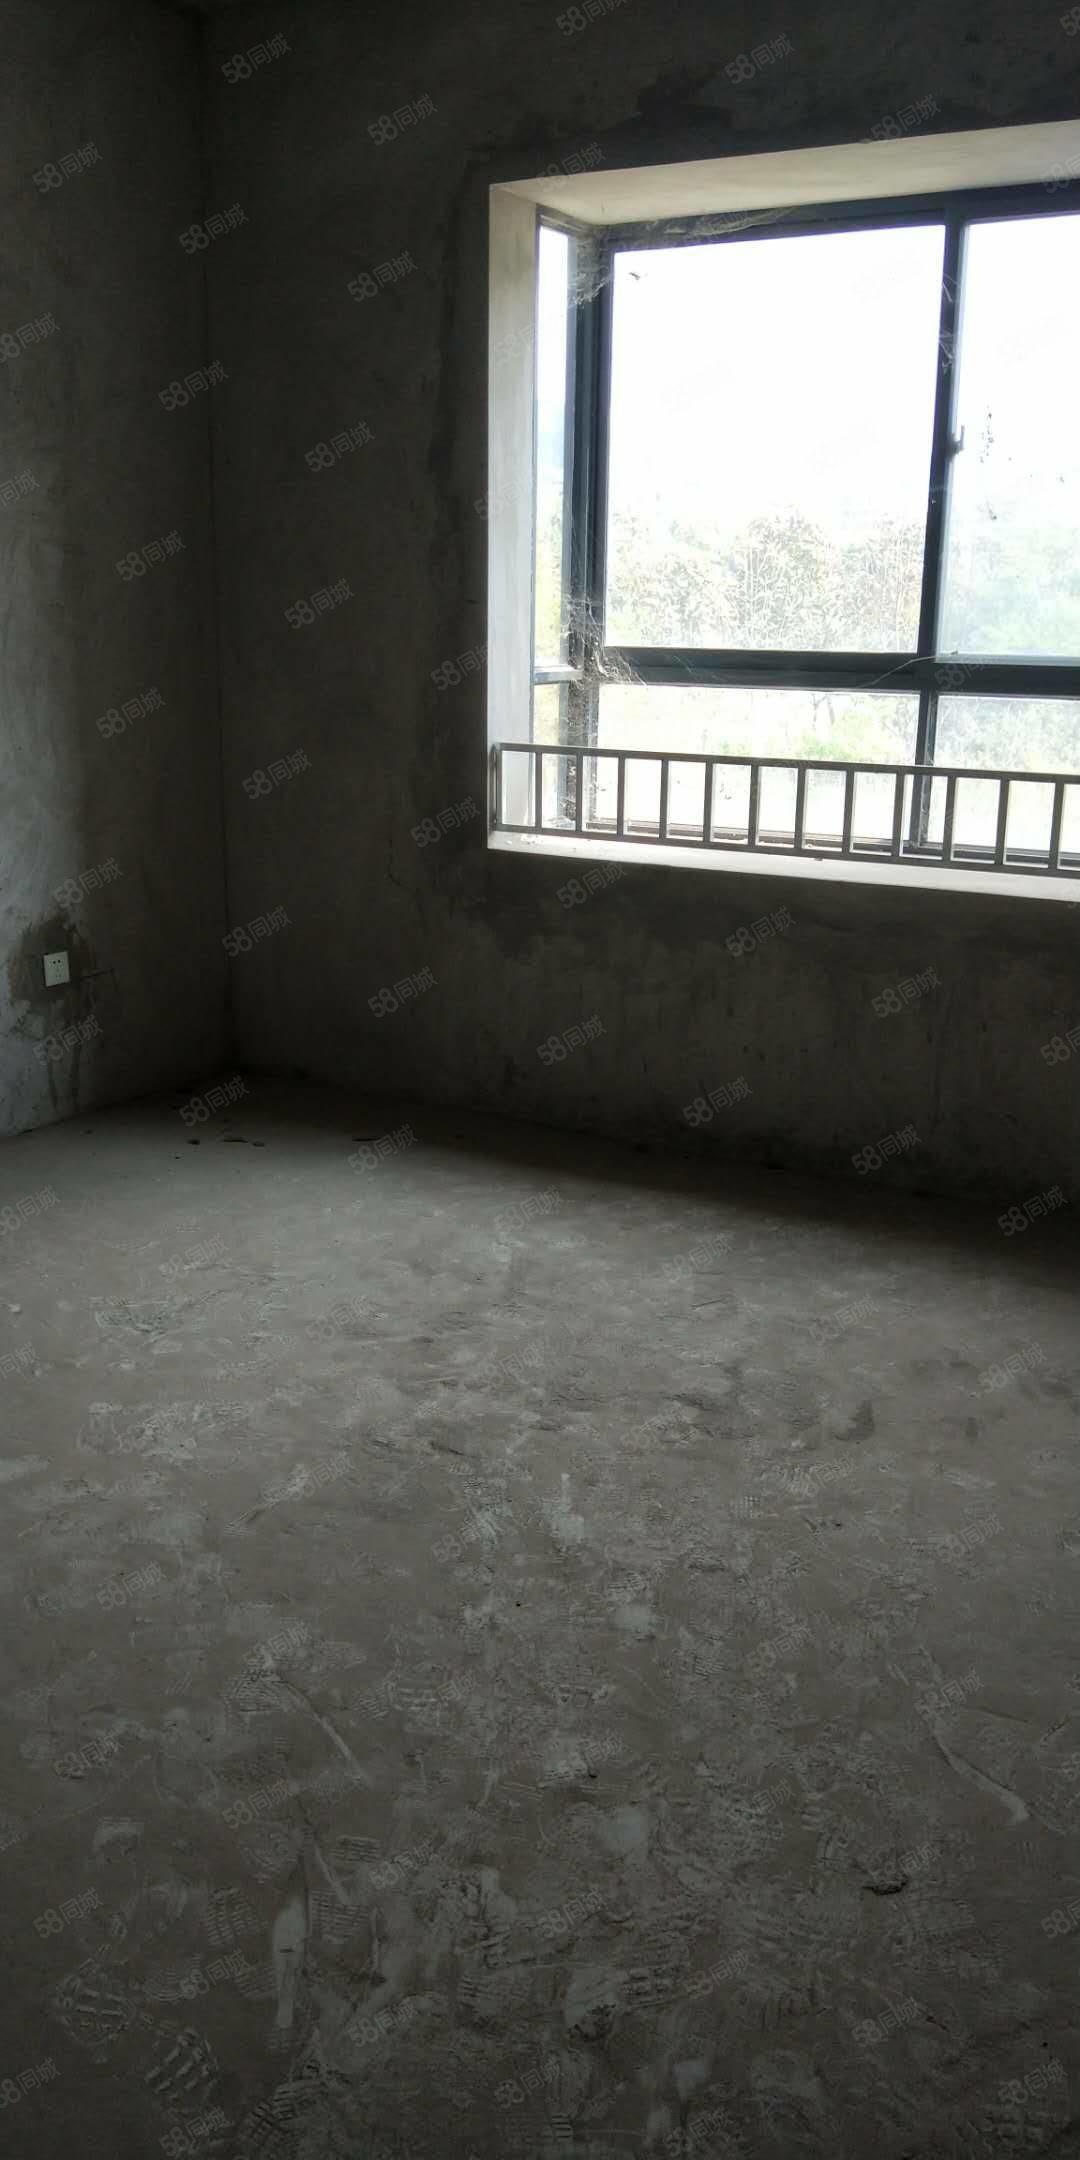 900文庭雅苑毛坯房116平米在3楼总6层可以按揭贷款